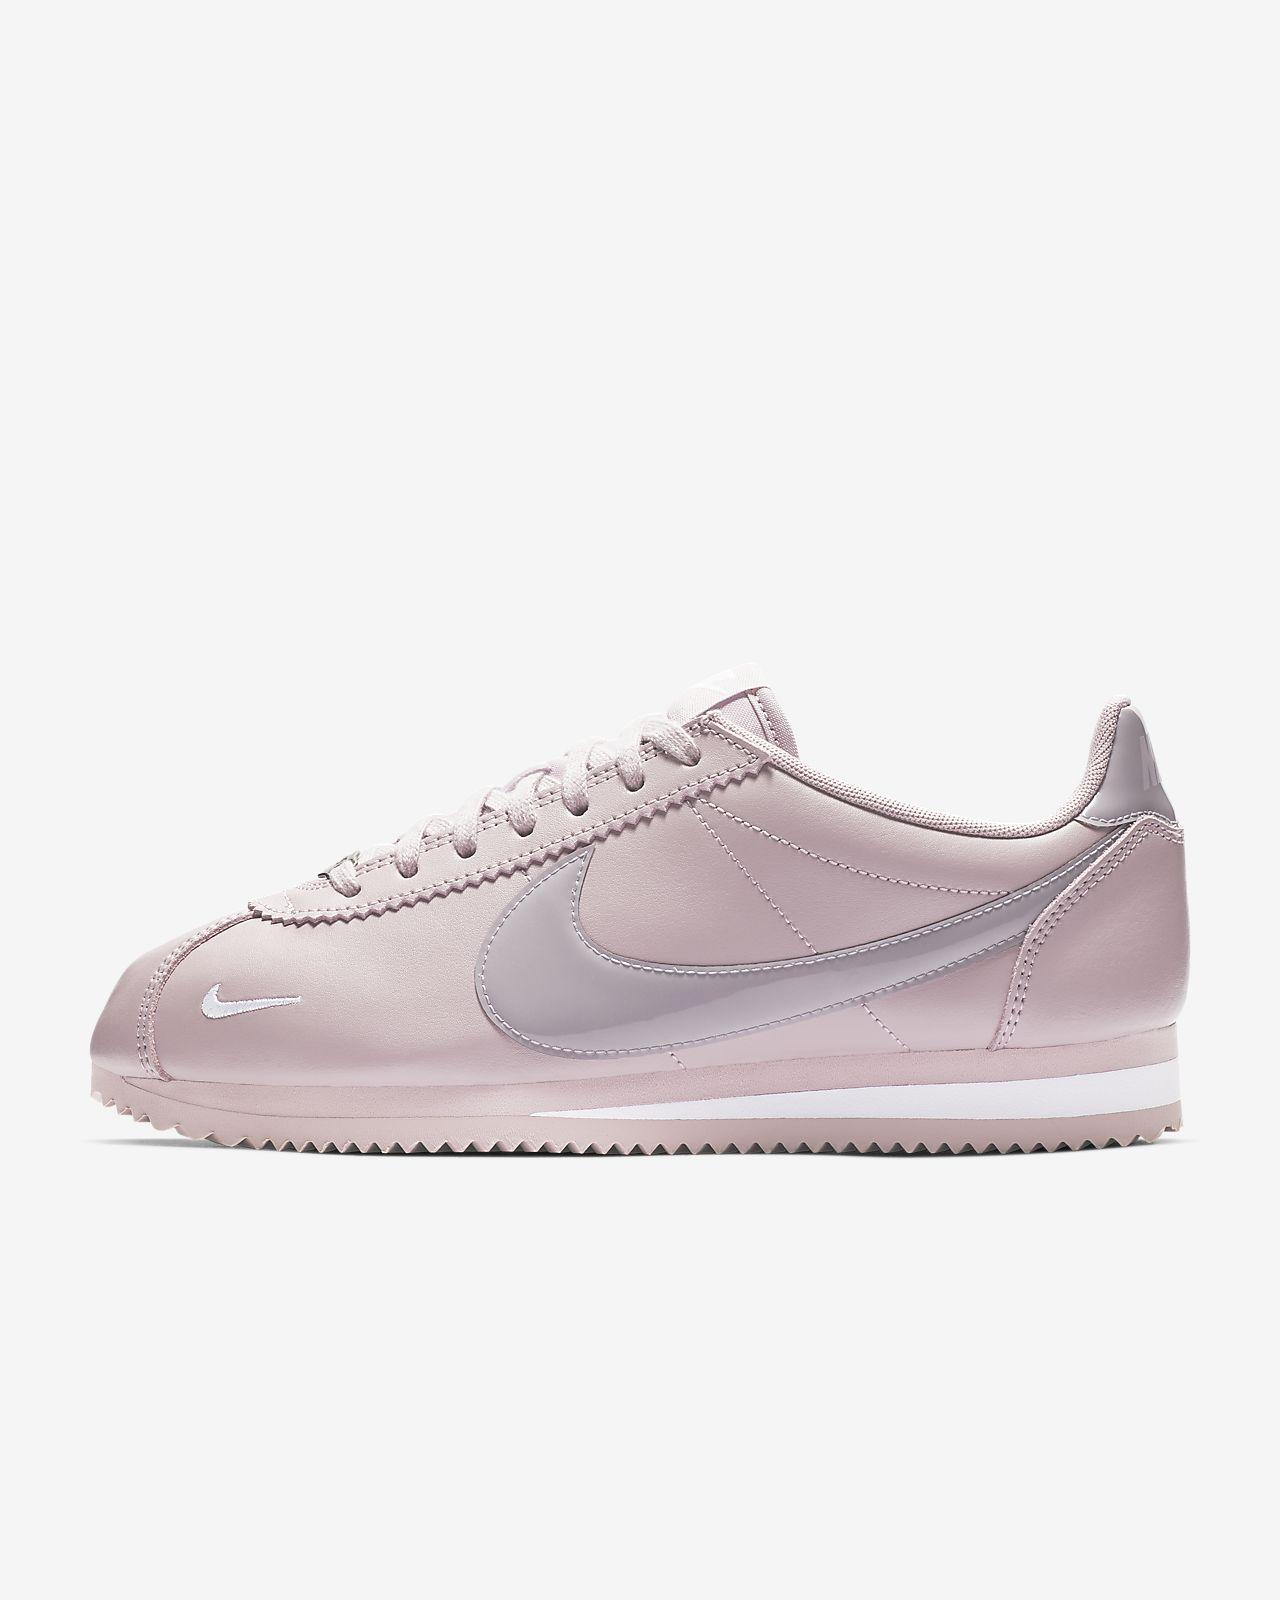 separation shoes edc8d f0b43 ... Chaussure Nike Classic Cortez Premium pour Femme